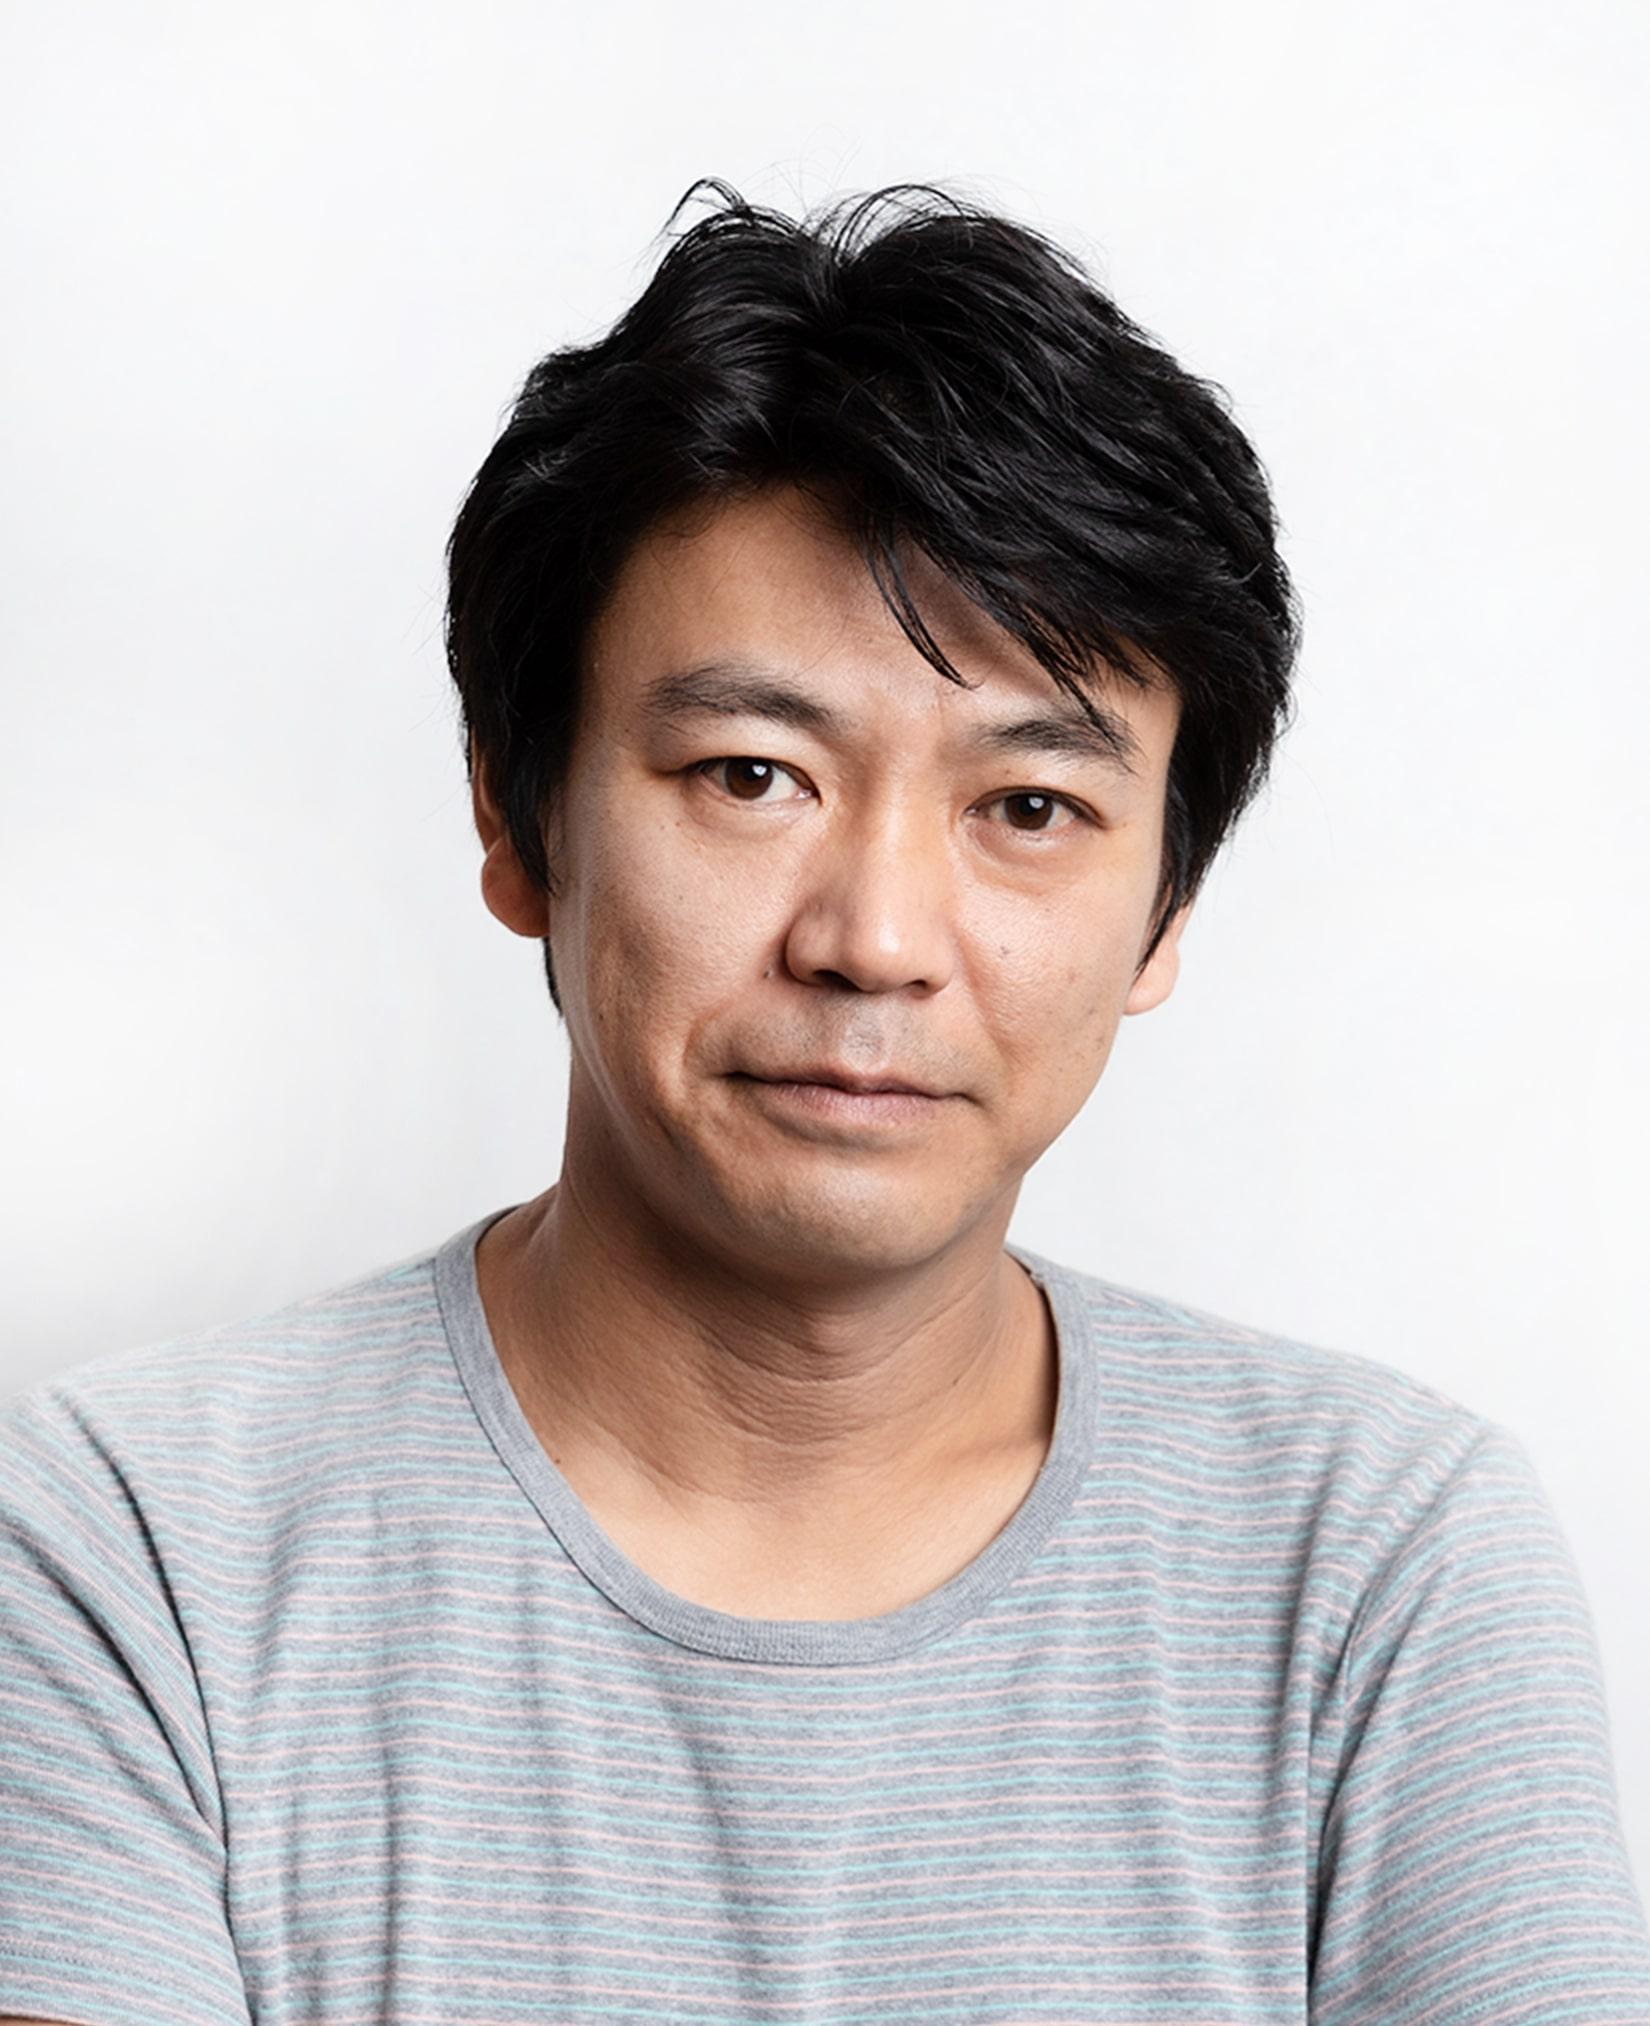 「株式会社ライバー」営業企画部部長 森貴志